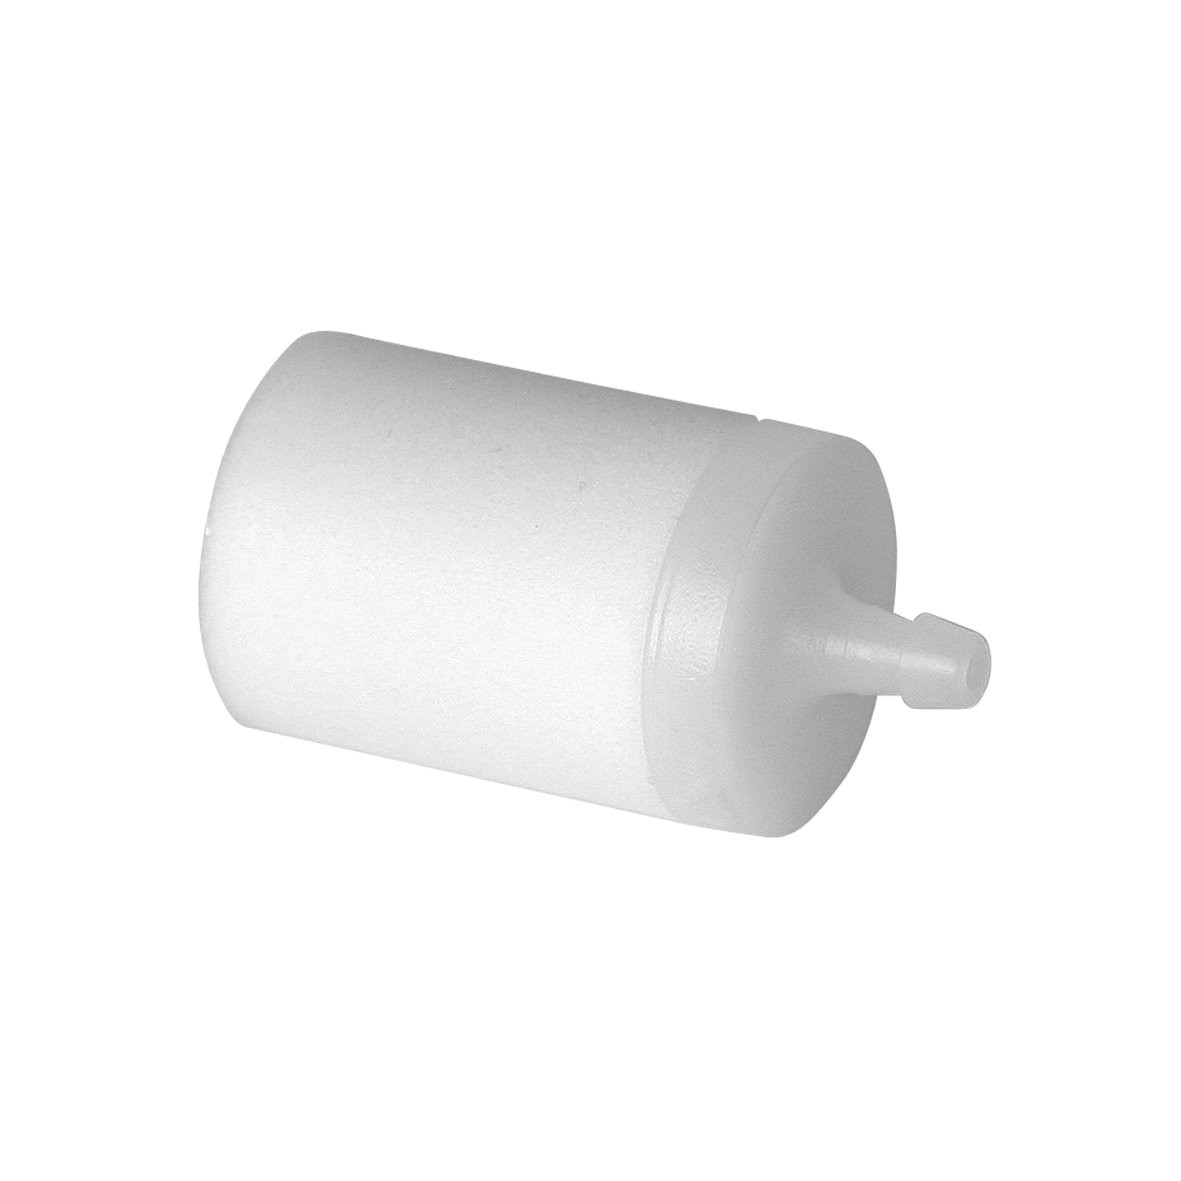 Filtr univerzální palivový pro řetězové pily - hrdlo 3,5 mm (typ: Husqvarna)